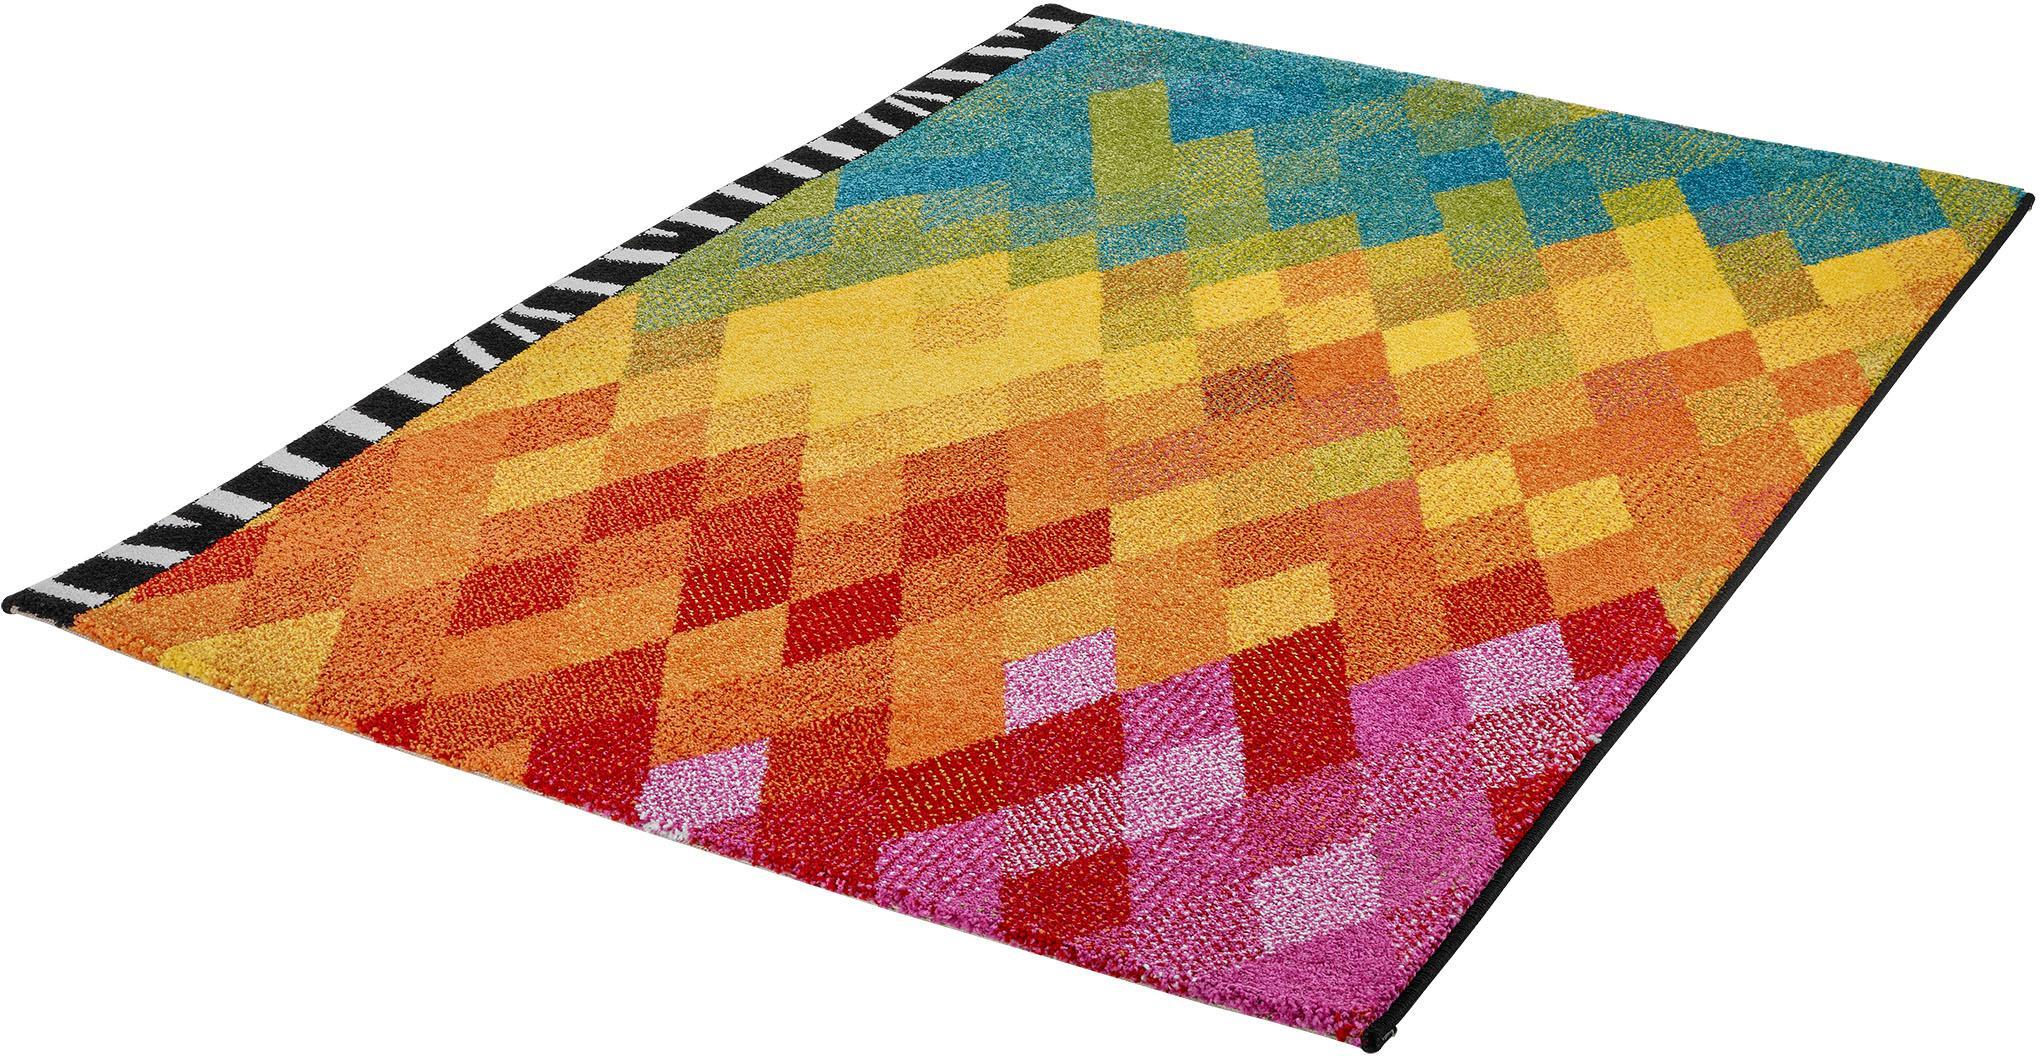 Teppich My Waikiki 388 Obsession rechteckig Höhe 21 mm maschinell gewebt